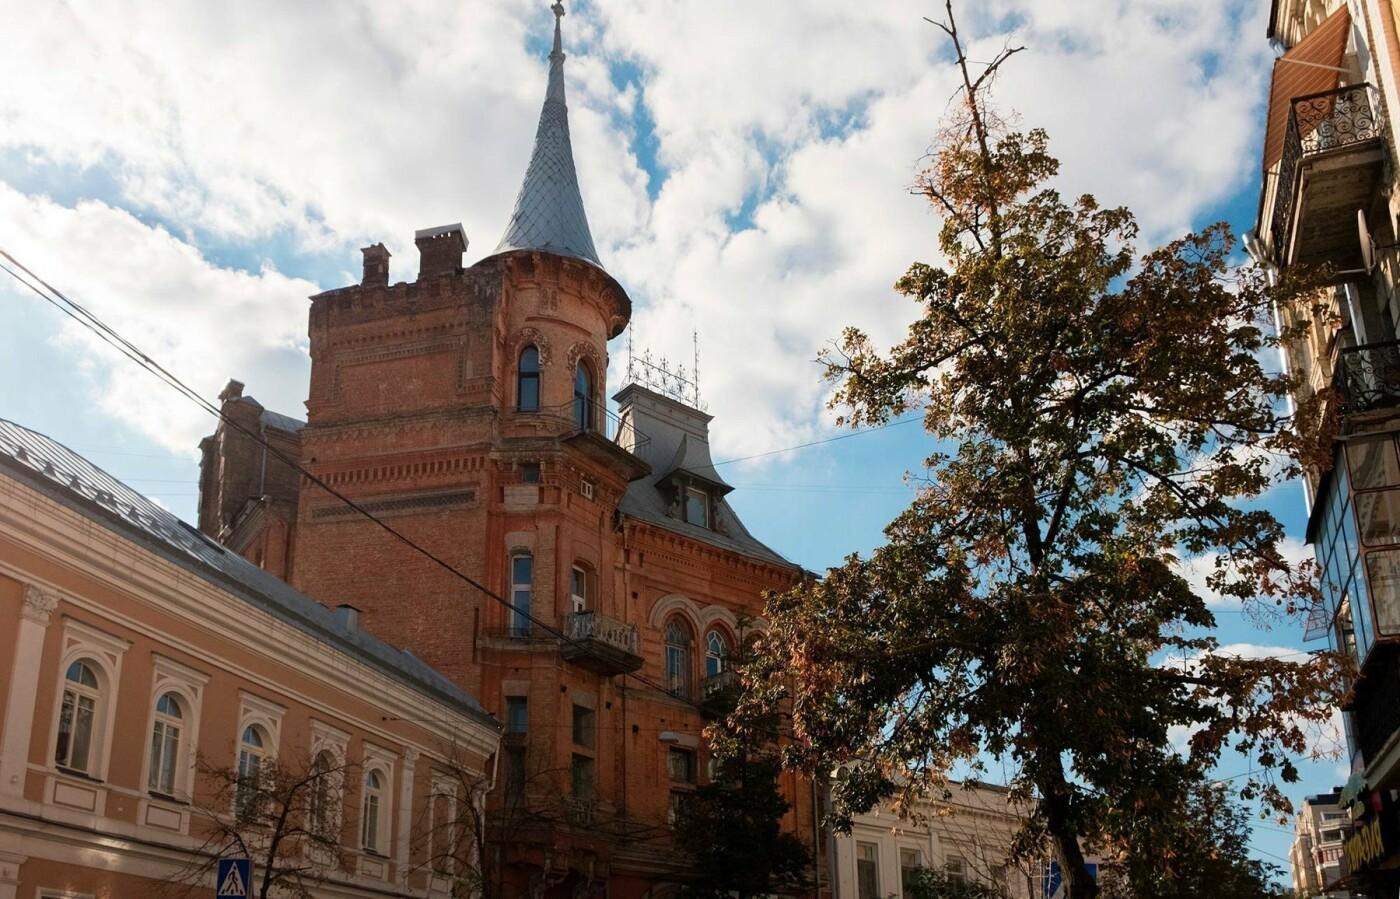 Ретро Киев: ТОП-5 старинных домов столицы, которые потрясают своей красотой, фото-12